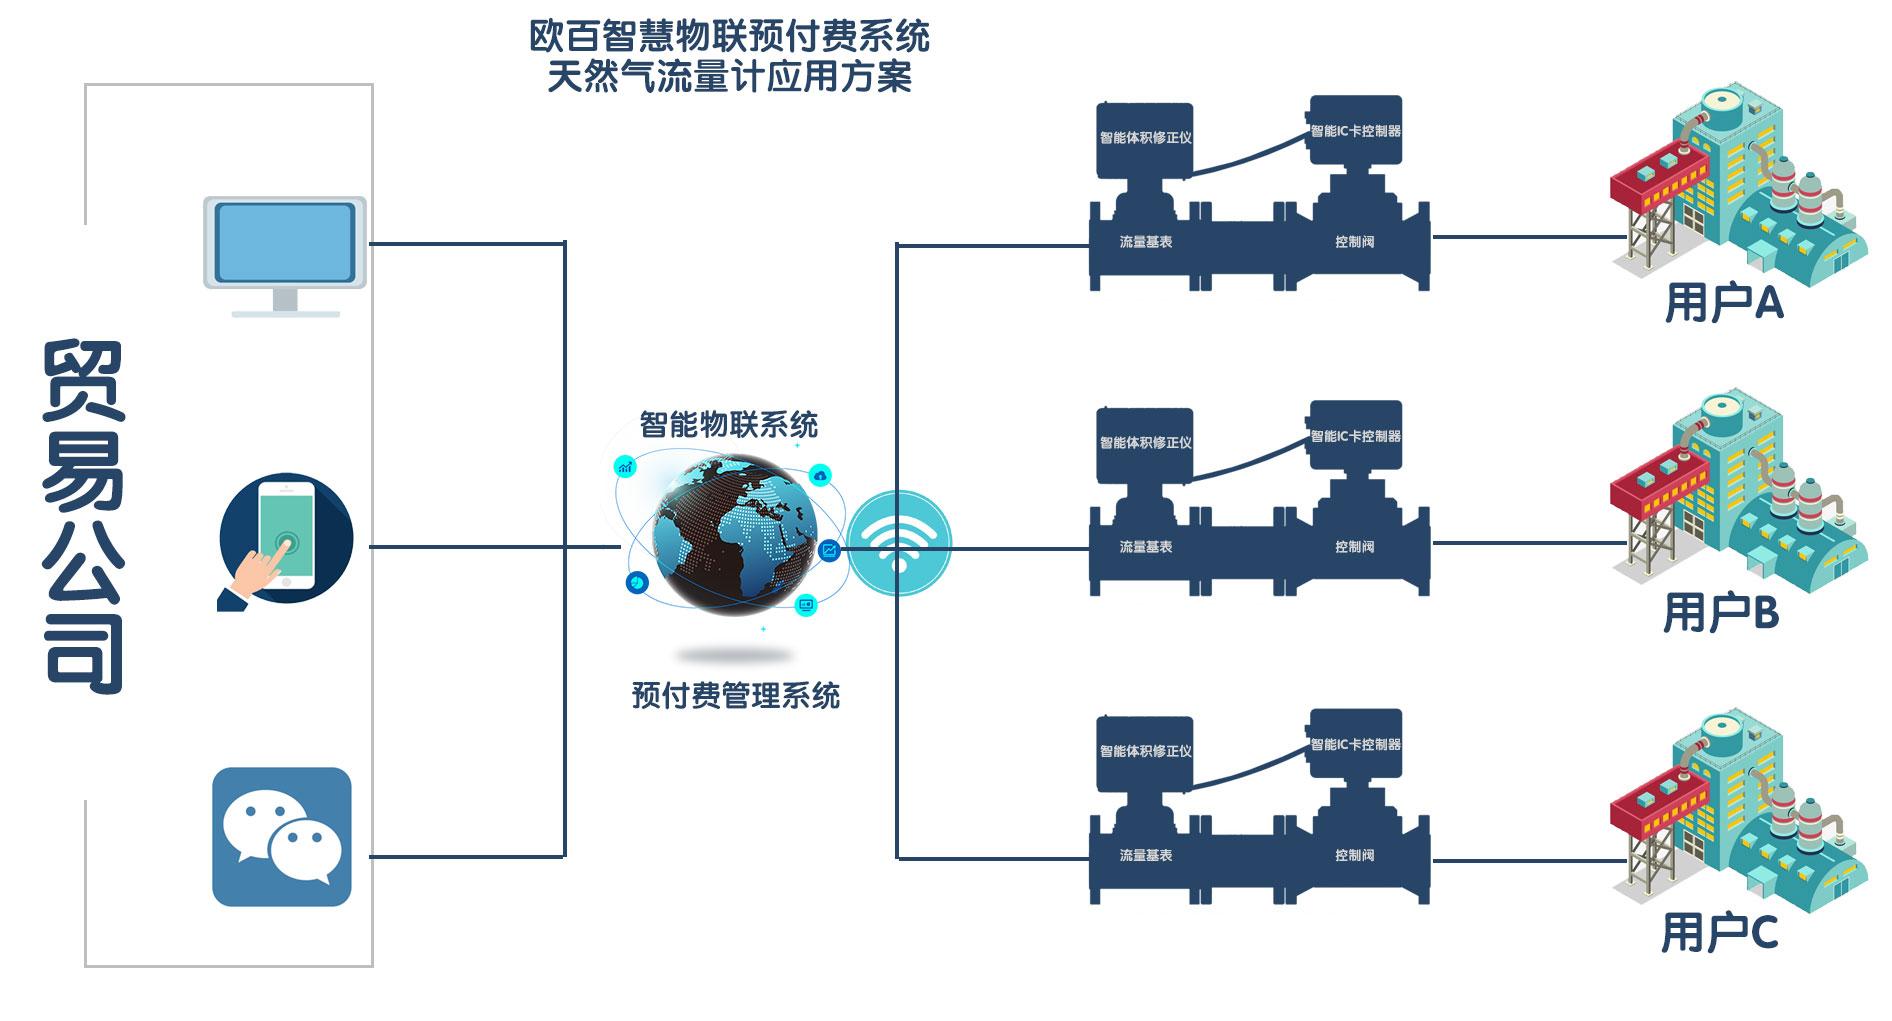 天然气预付费物联系统.jpg